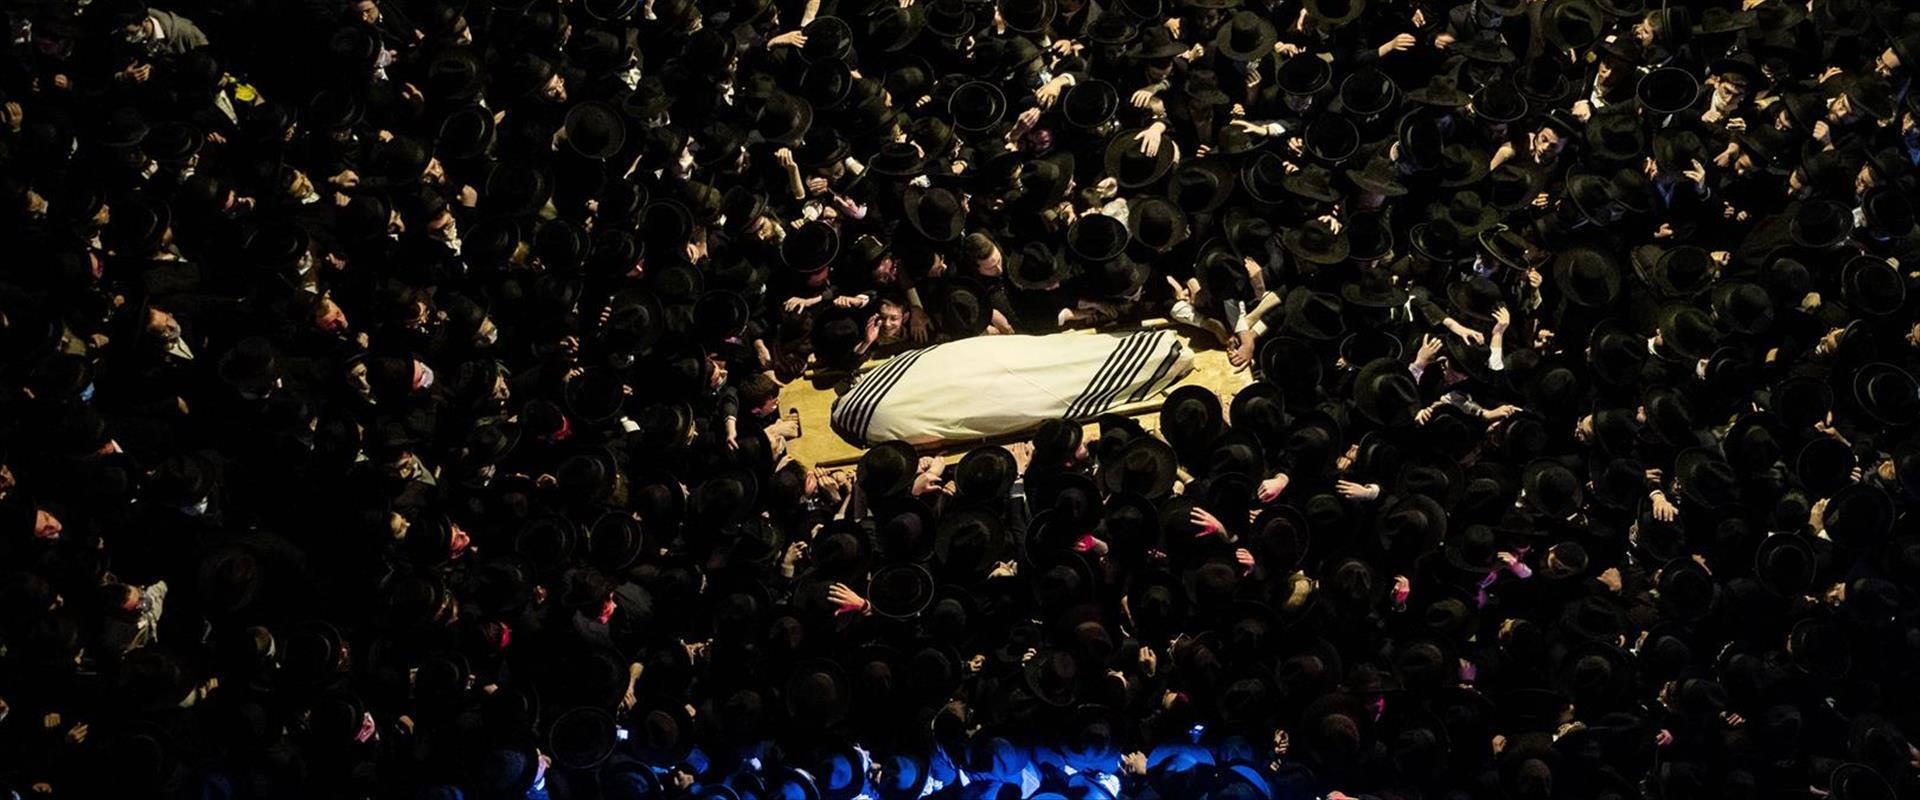 הלוויית רב חרדי בירושלים בזמן קורונה 31.01.21